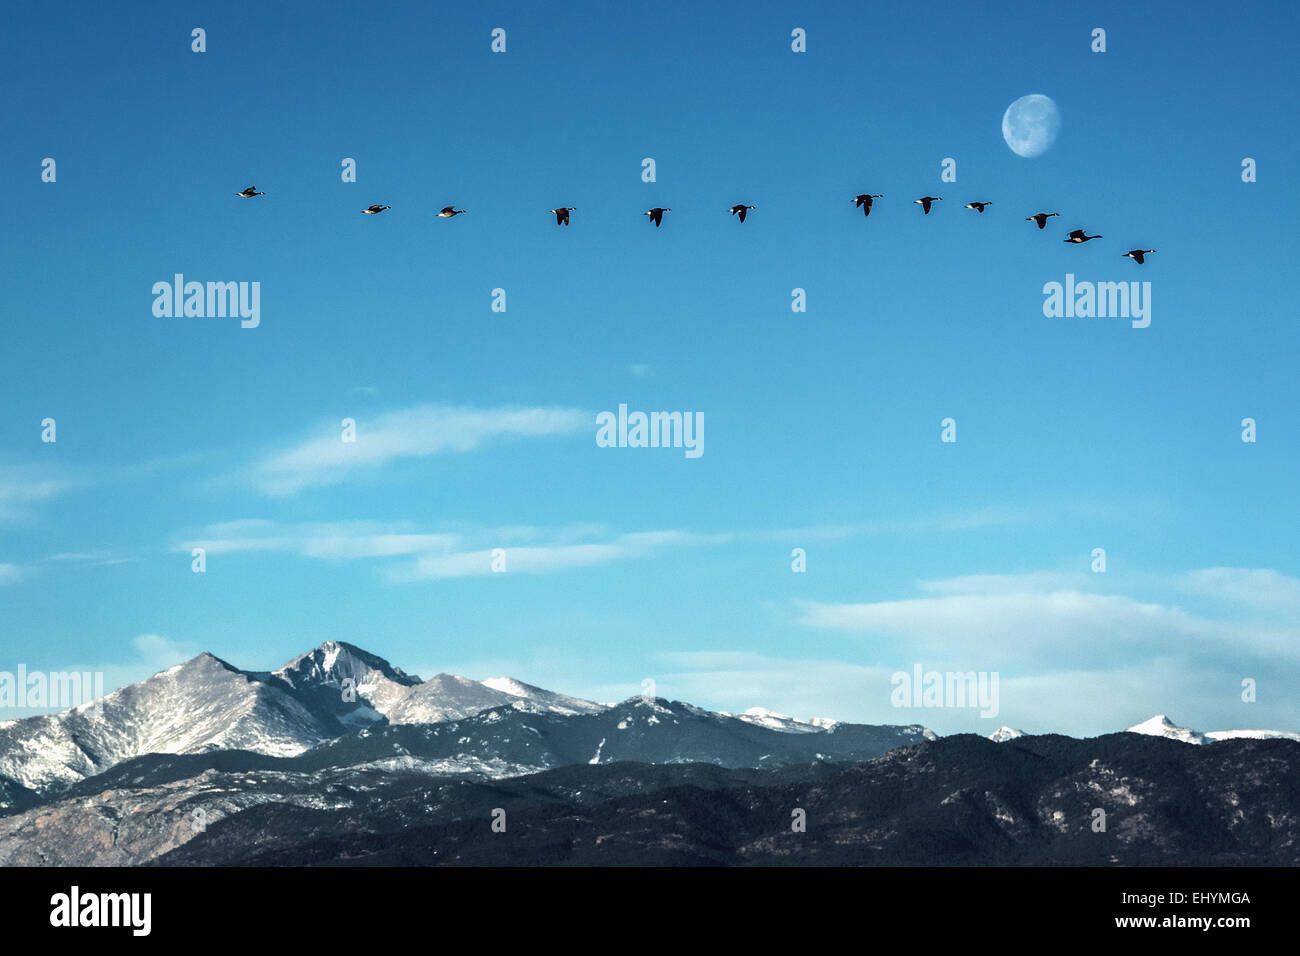 Bandada de gansos volando en frente de la luna sobre los picos de las Montañas Rocosas, Colorado Imagen De Stock